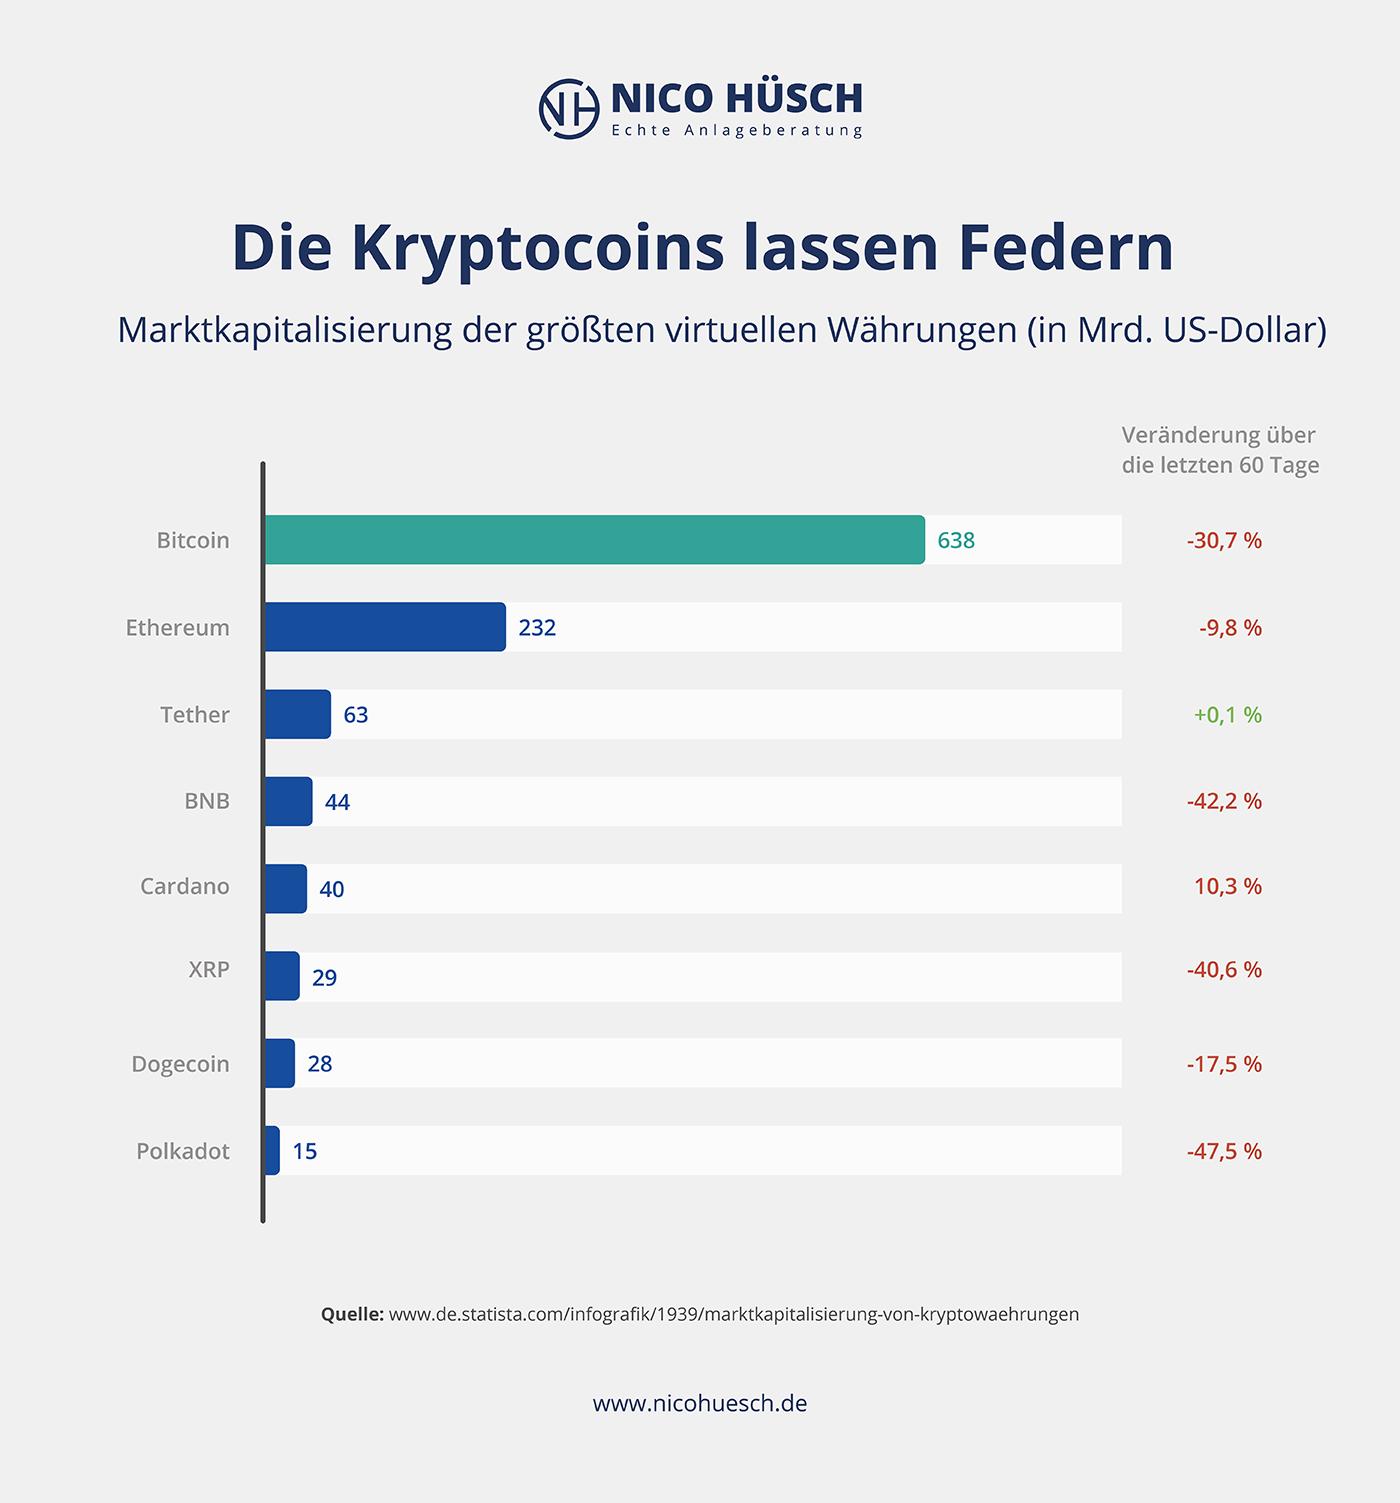 nico huesch-kryptocoins-marktkapitalisierung